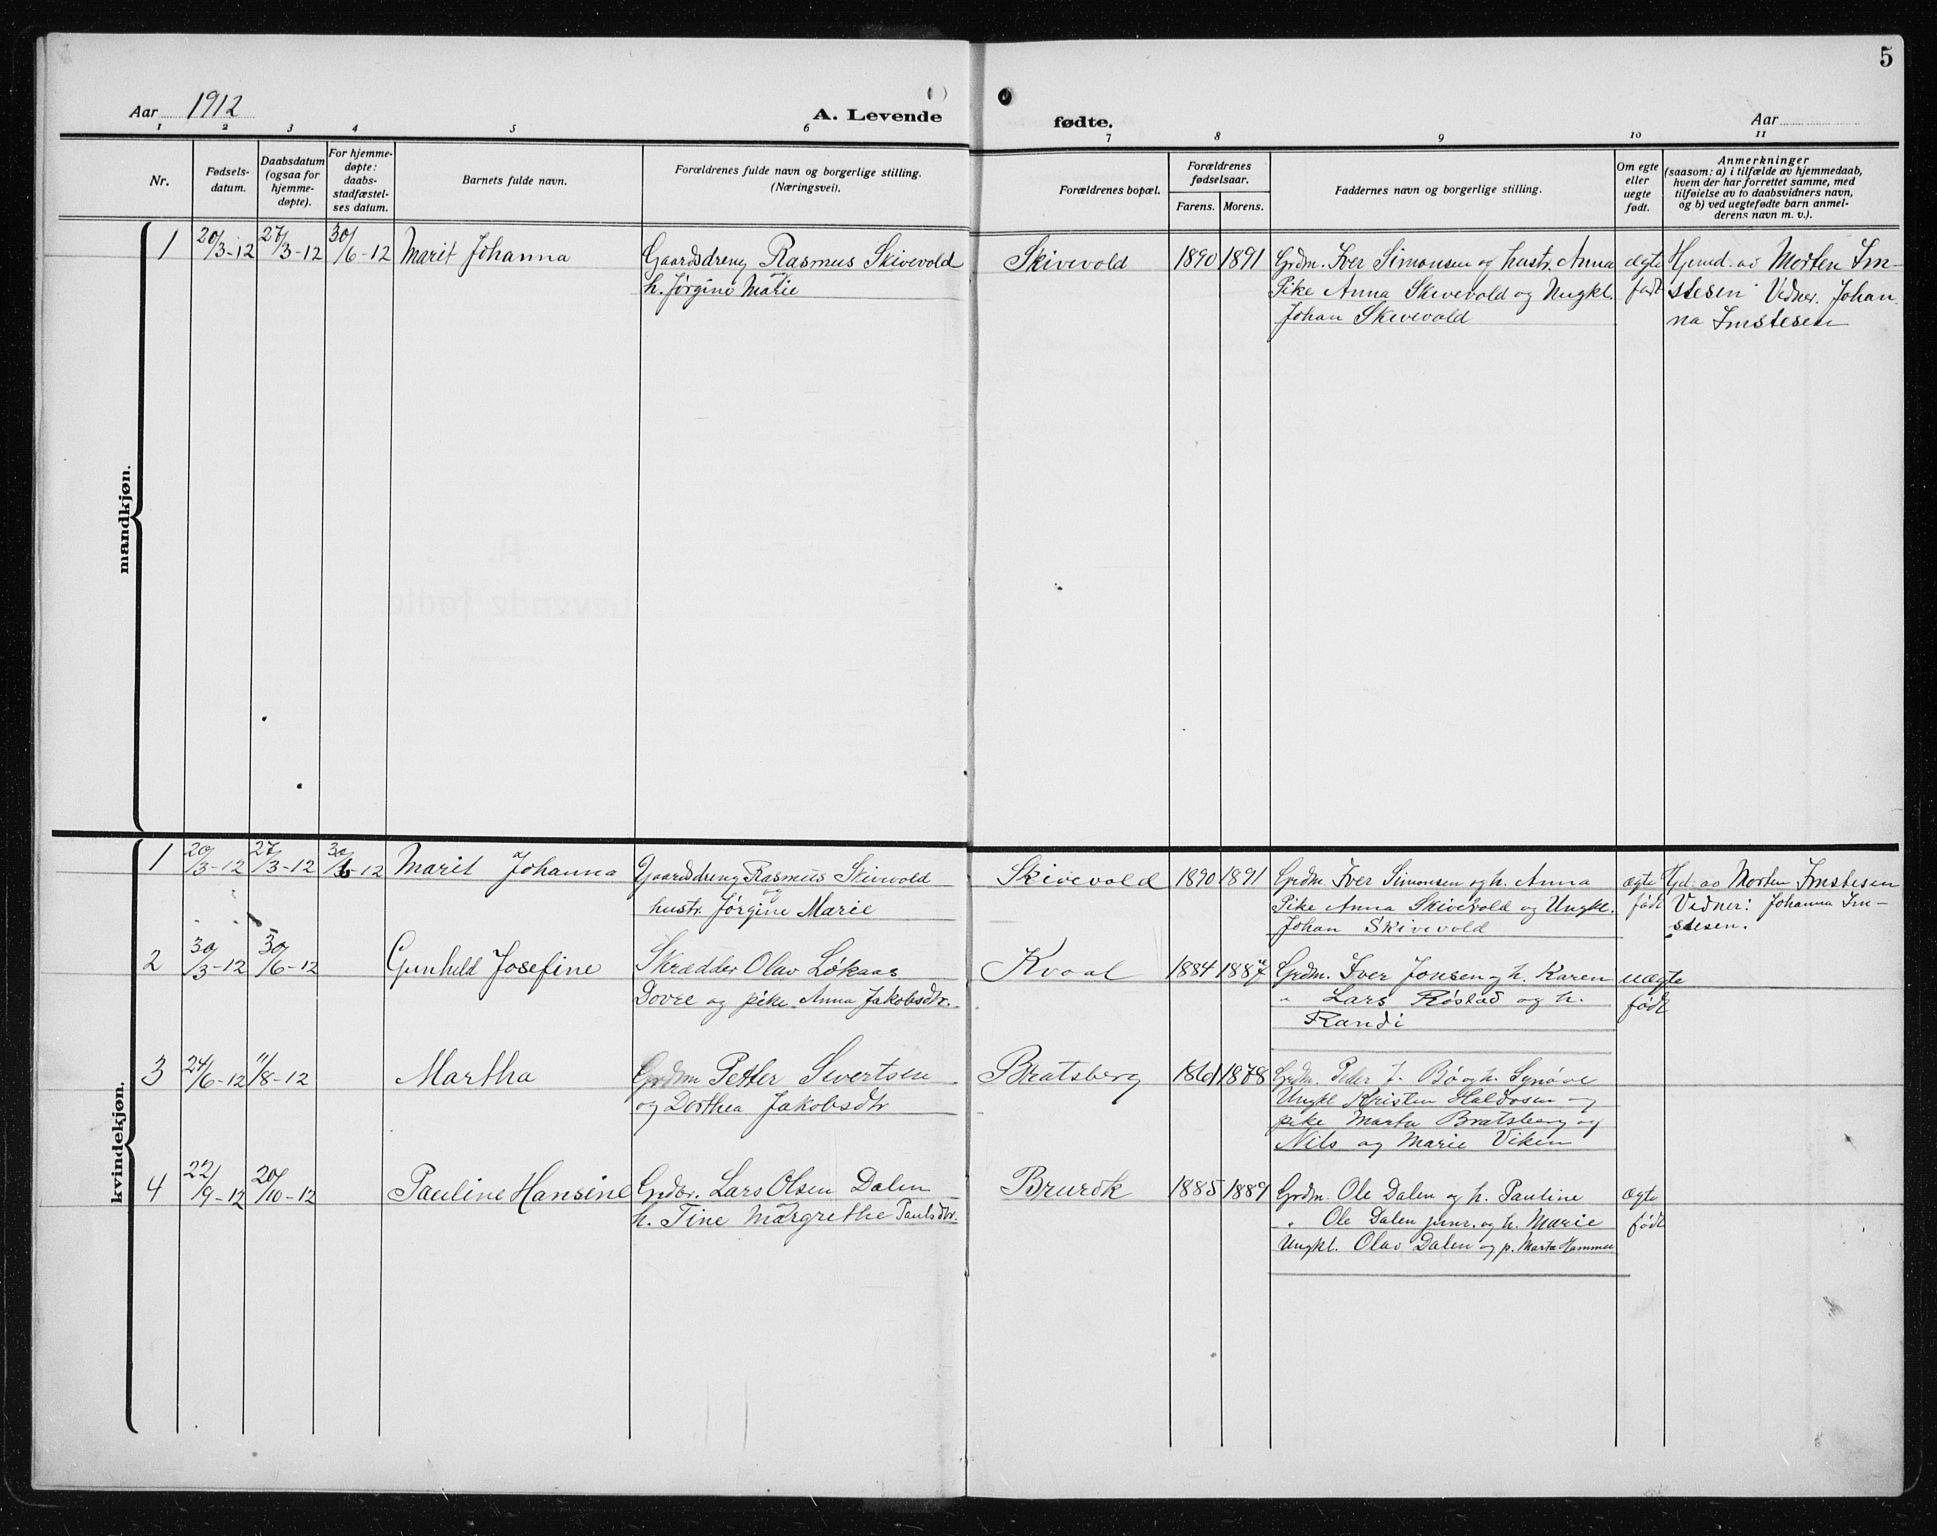 SAT, Ministerialprotokoller, klokkerbøker og fødselsregistre - Sør-Trøndelag, 608/L0342: Klokkerbok nr. 608C08, 1912-1938, s. 5